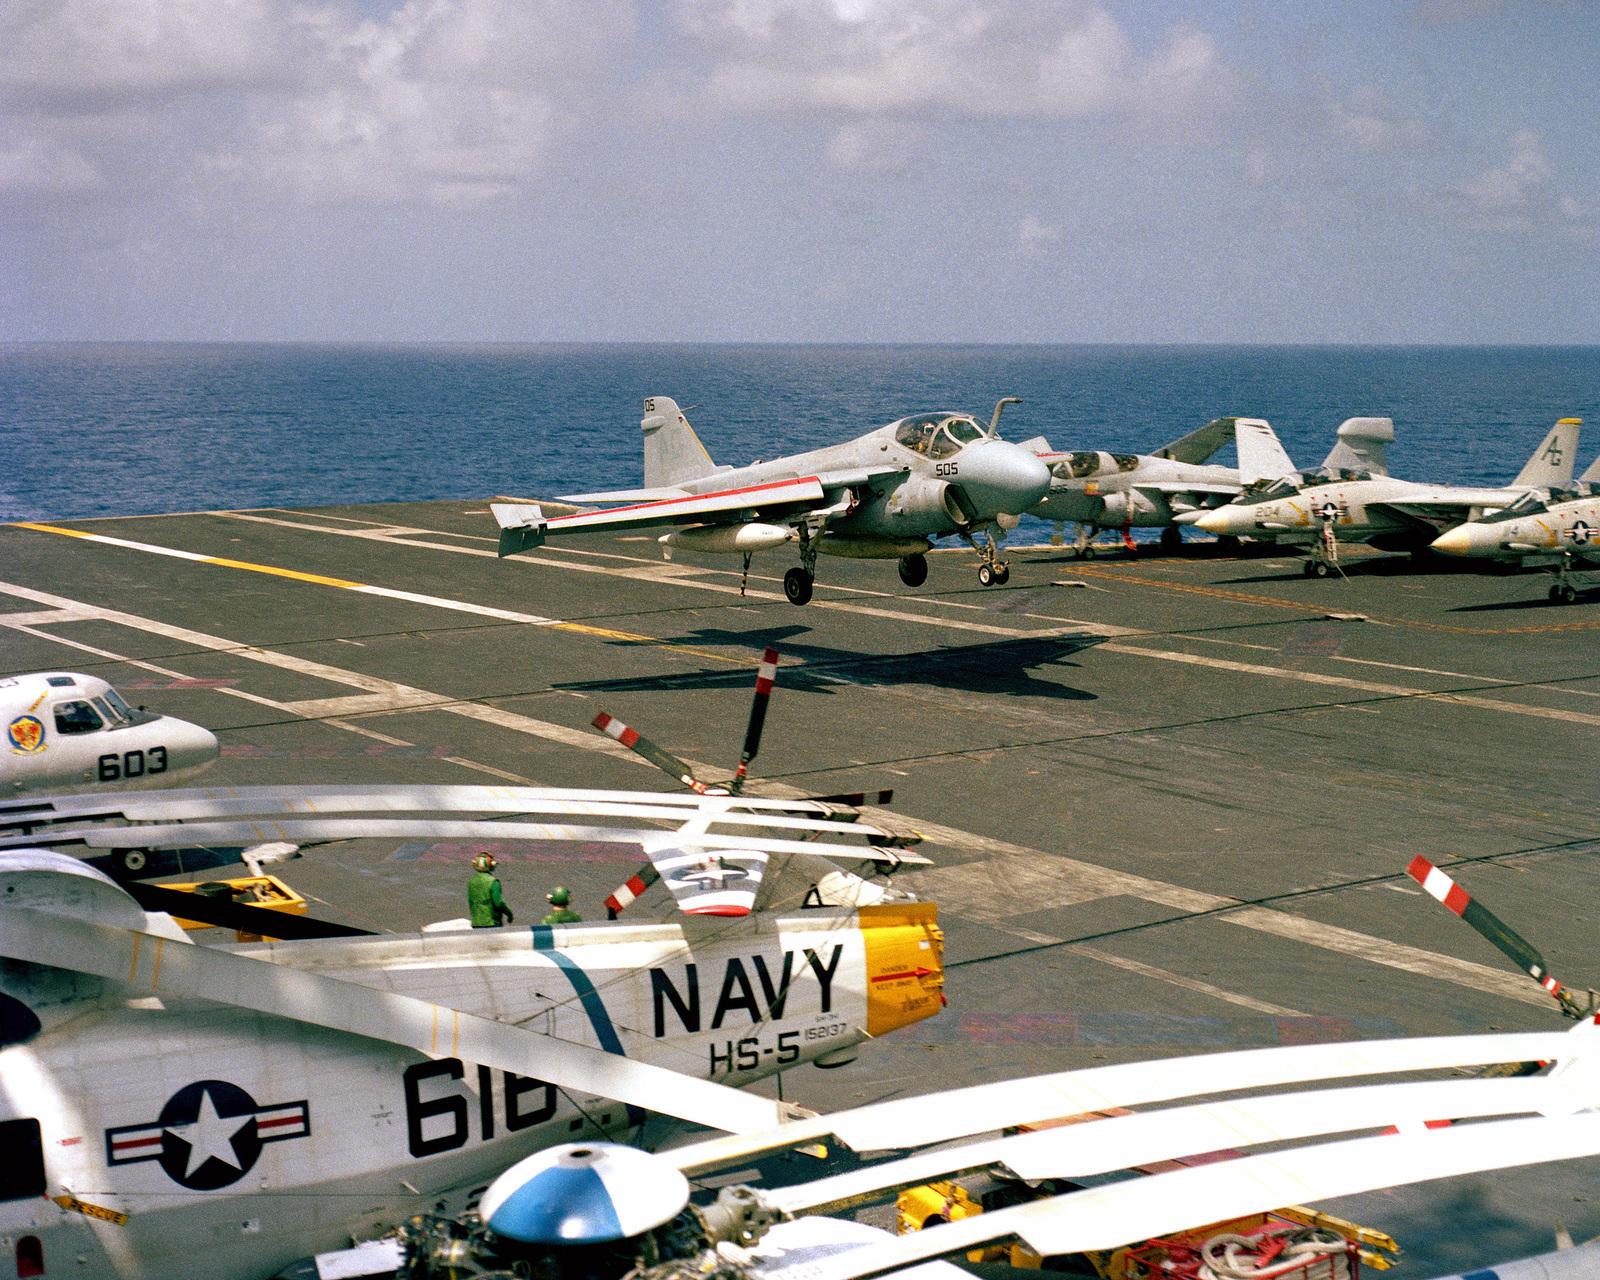 An A-6E Intruder aircraft prepares to land aboard the nuclear-powered aircraft carrier USS DWIGHT D. EISENHOWER (CVN 69)